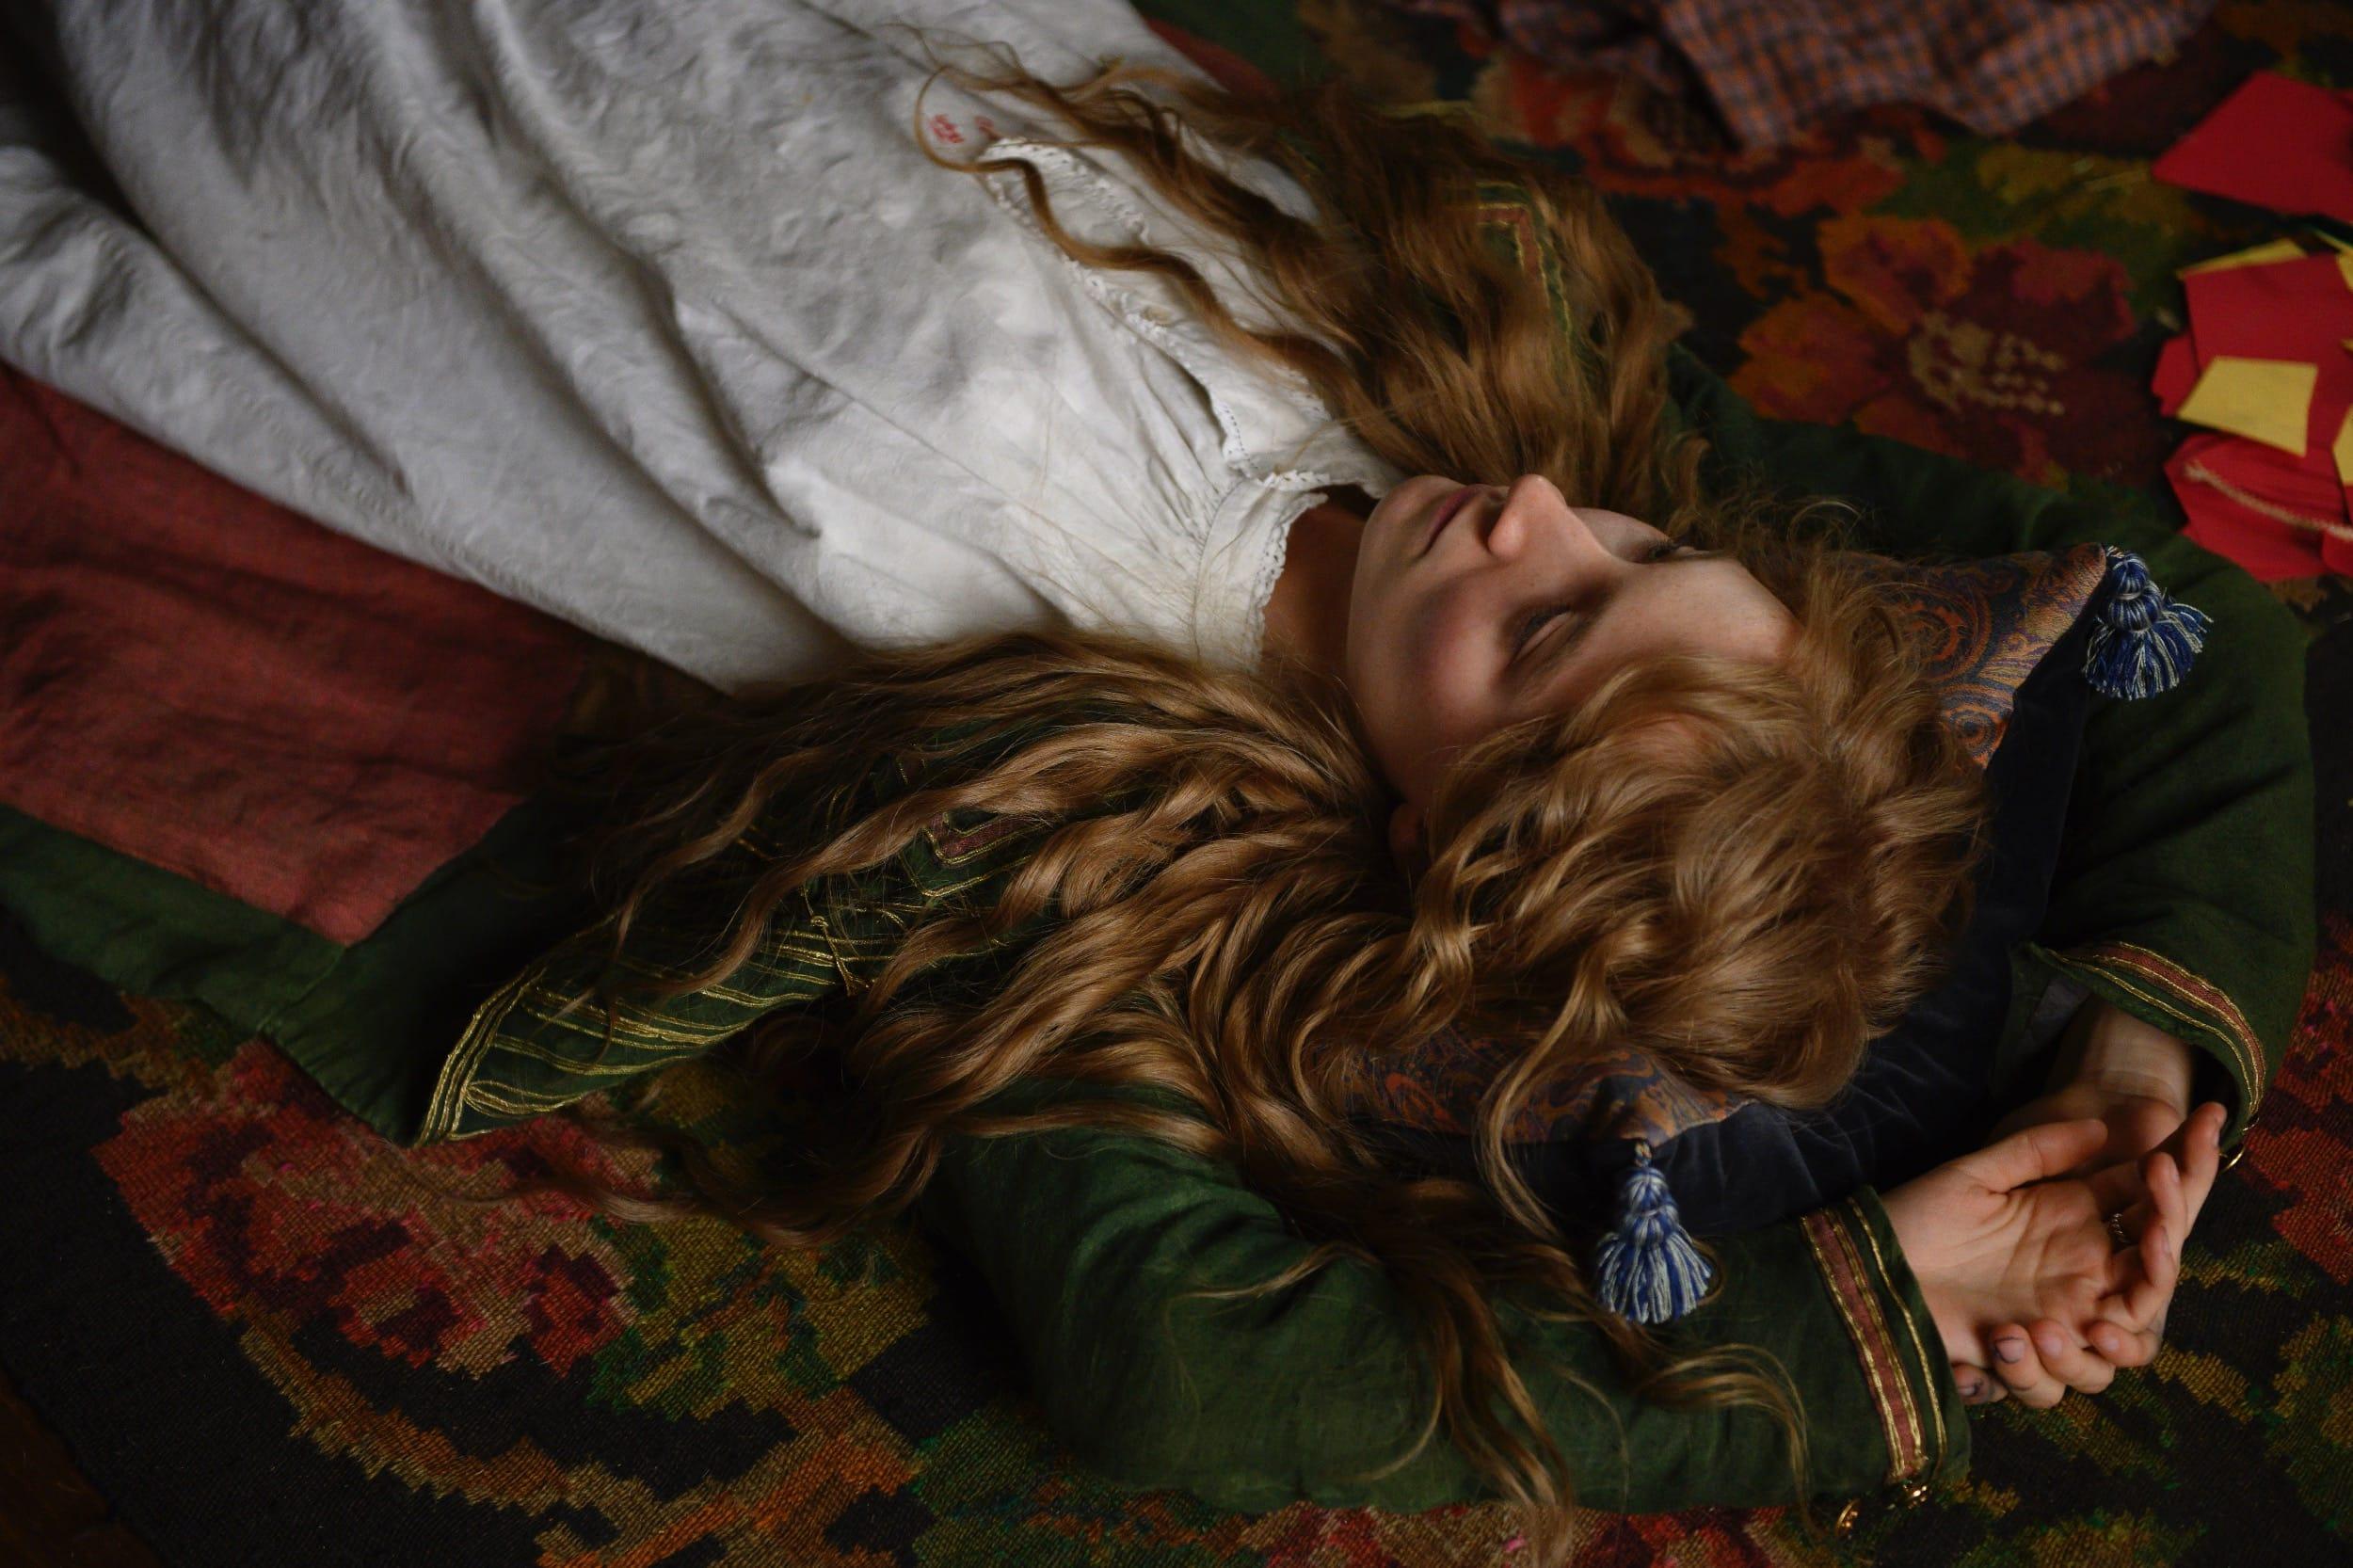 Thursday 20.08.20 – 20:45 | Kiezkino Charlottenburg: Little Women